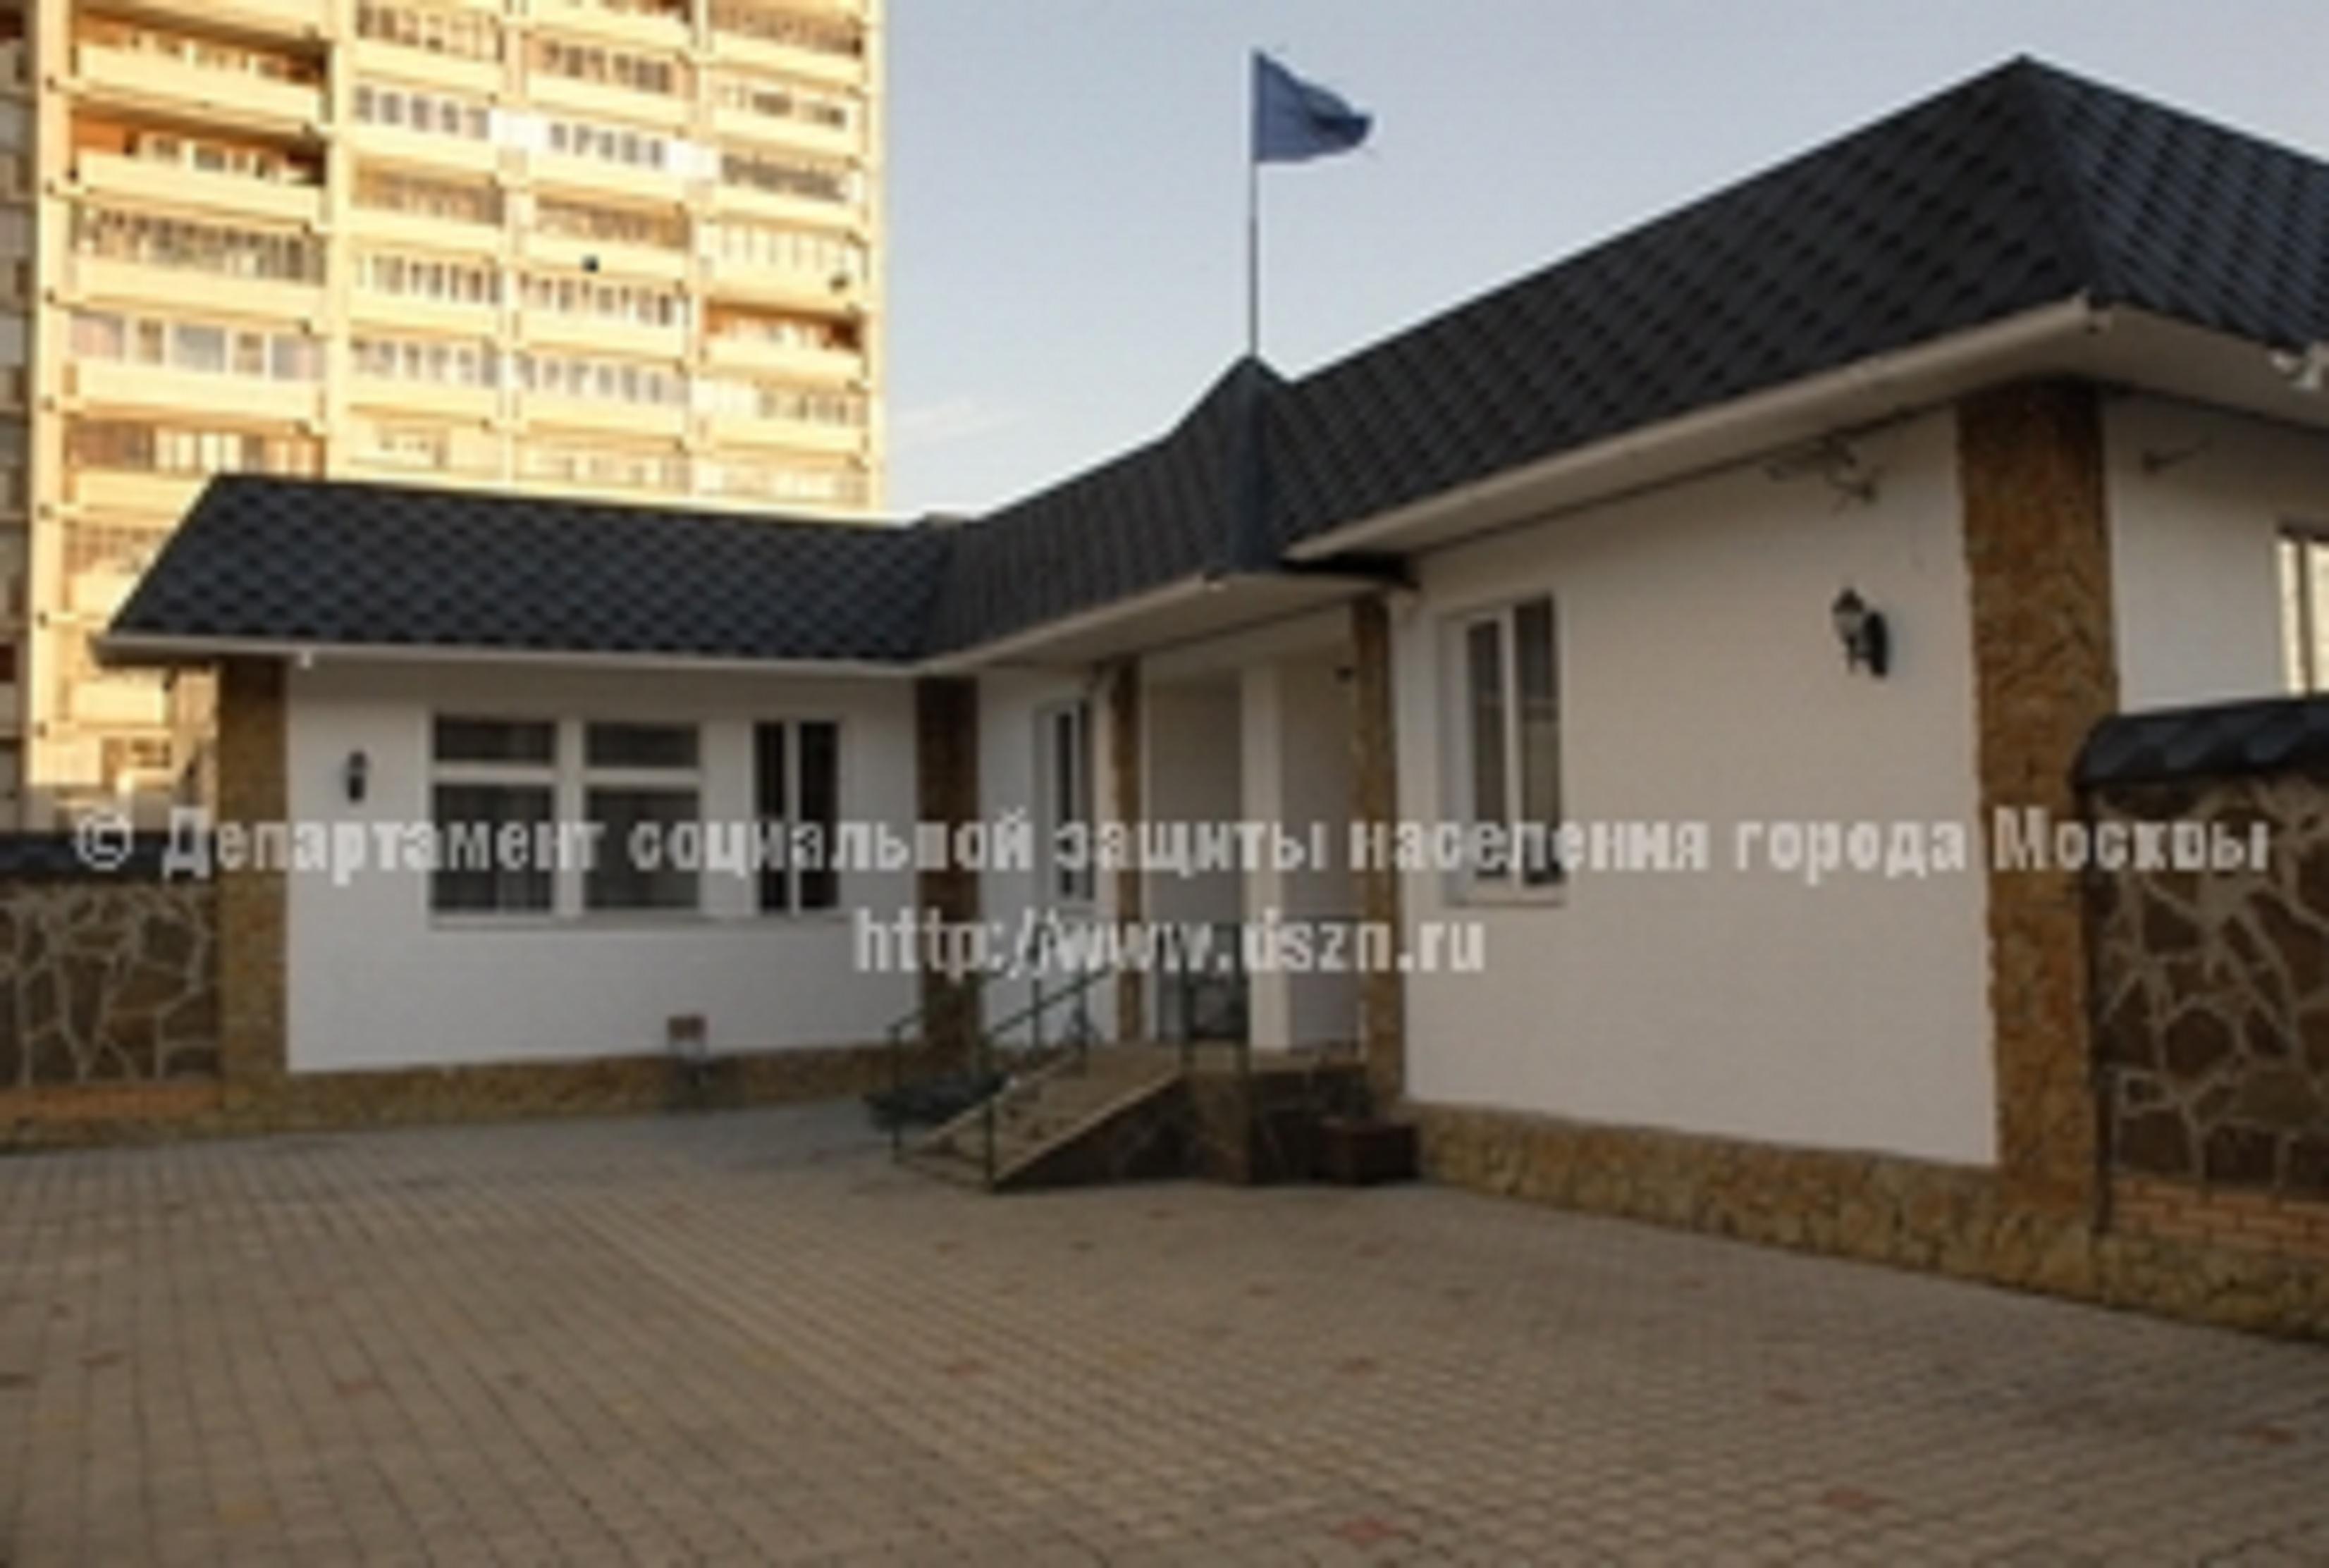 Чиновники хотят закрыть реабилитационный центр в Зеленограде